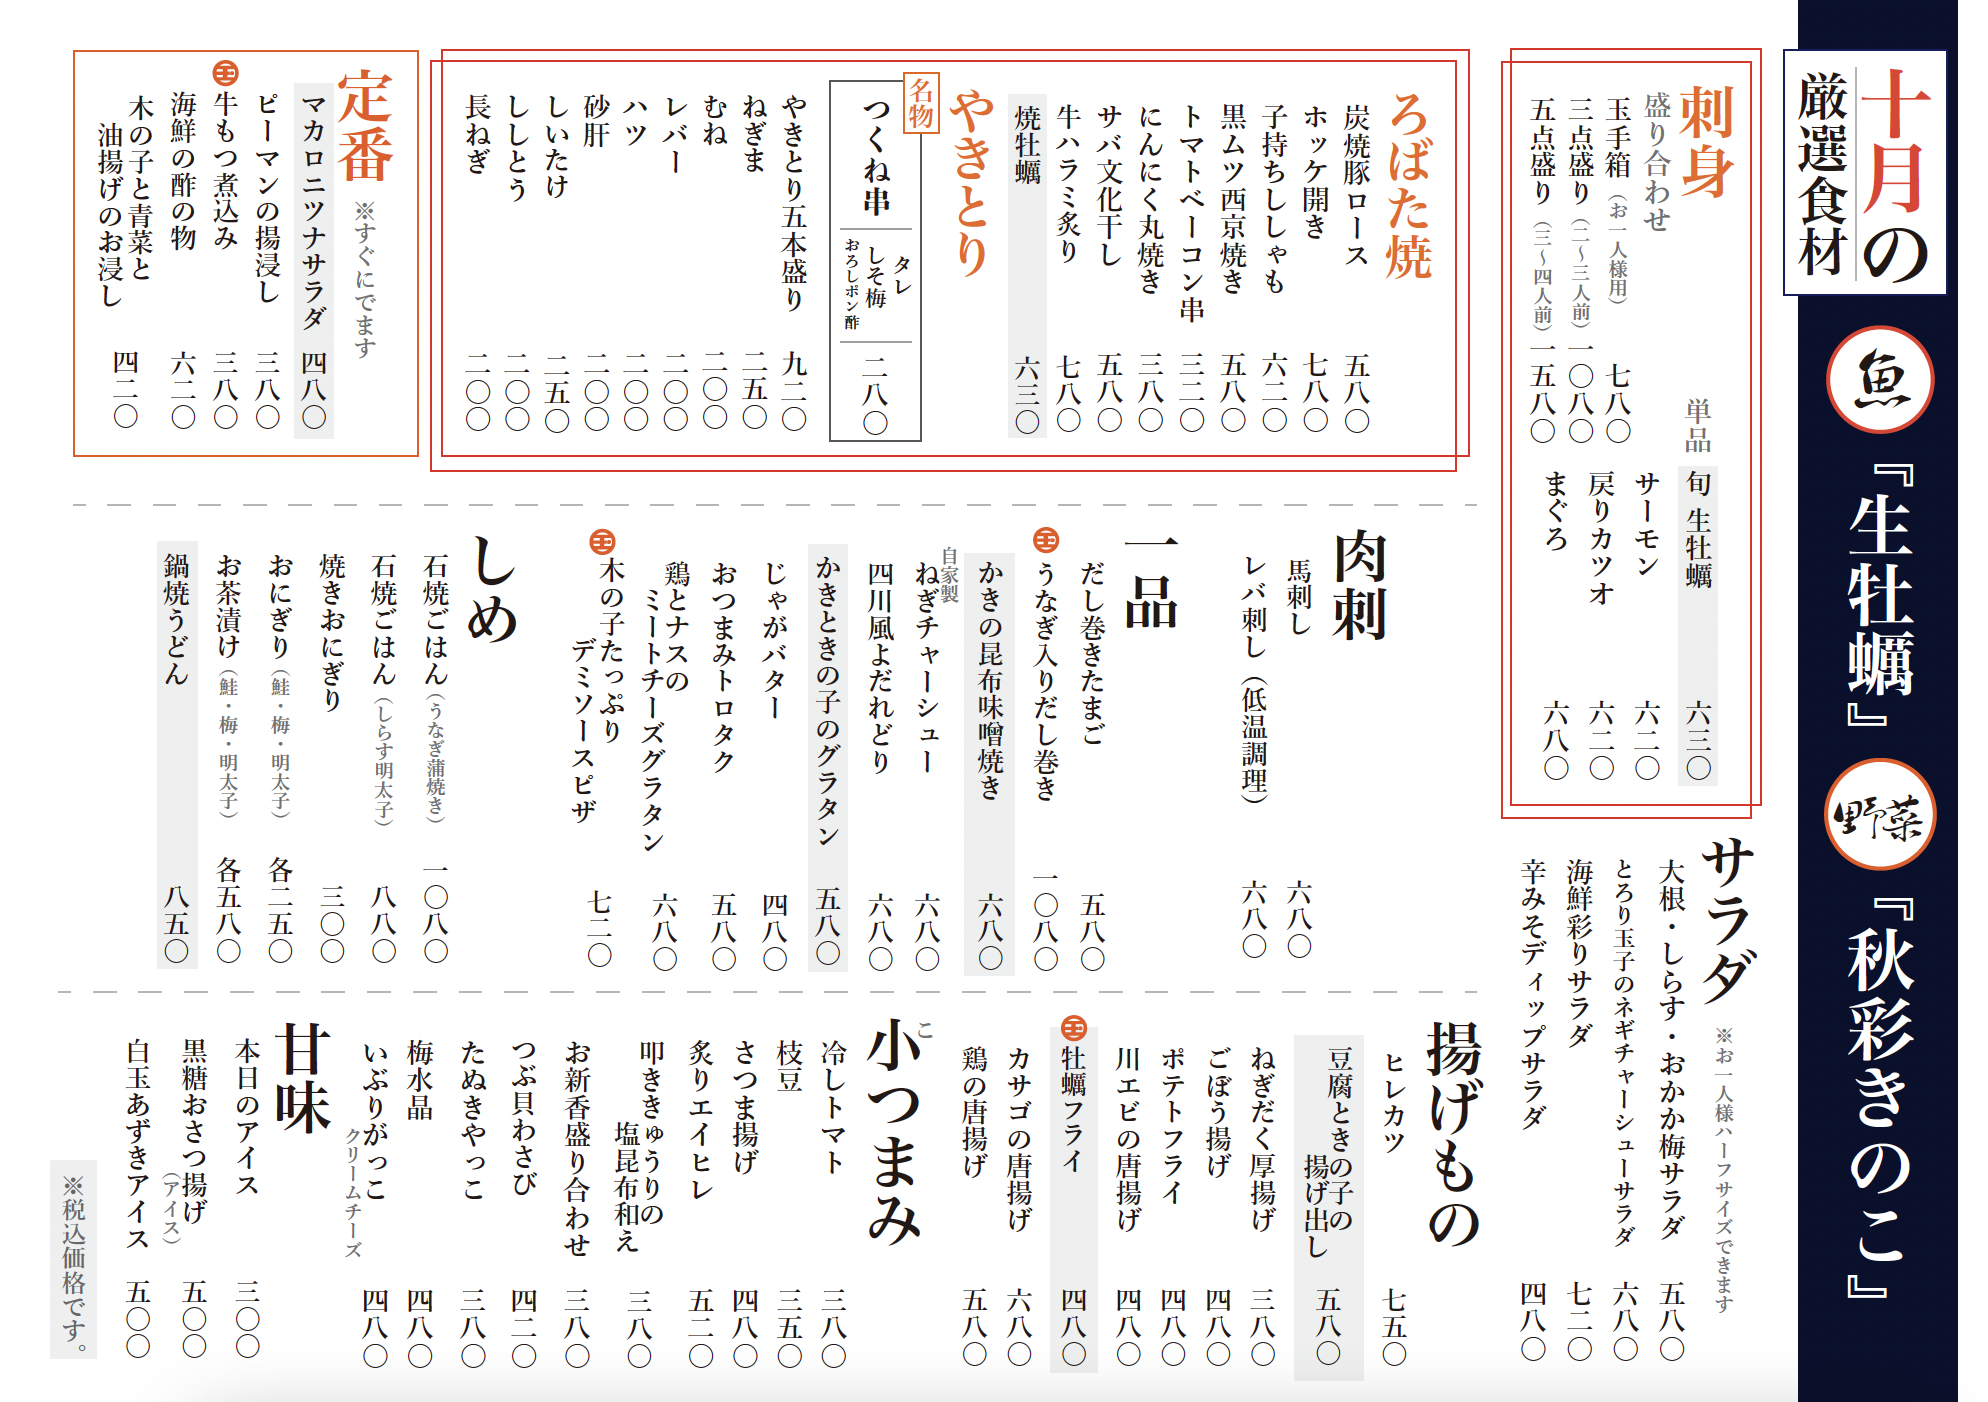 【旬菜炭焼 玉河】10月メニューのご案内